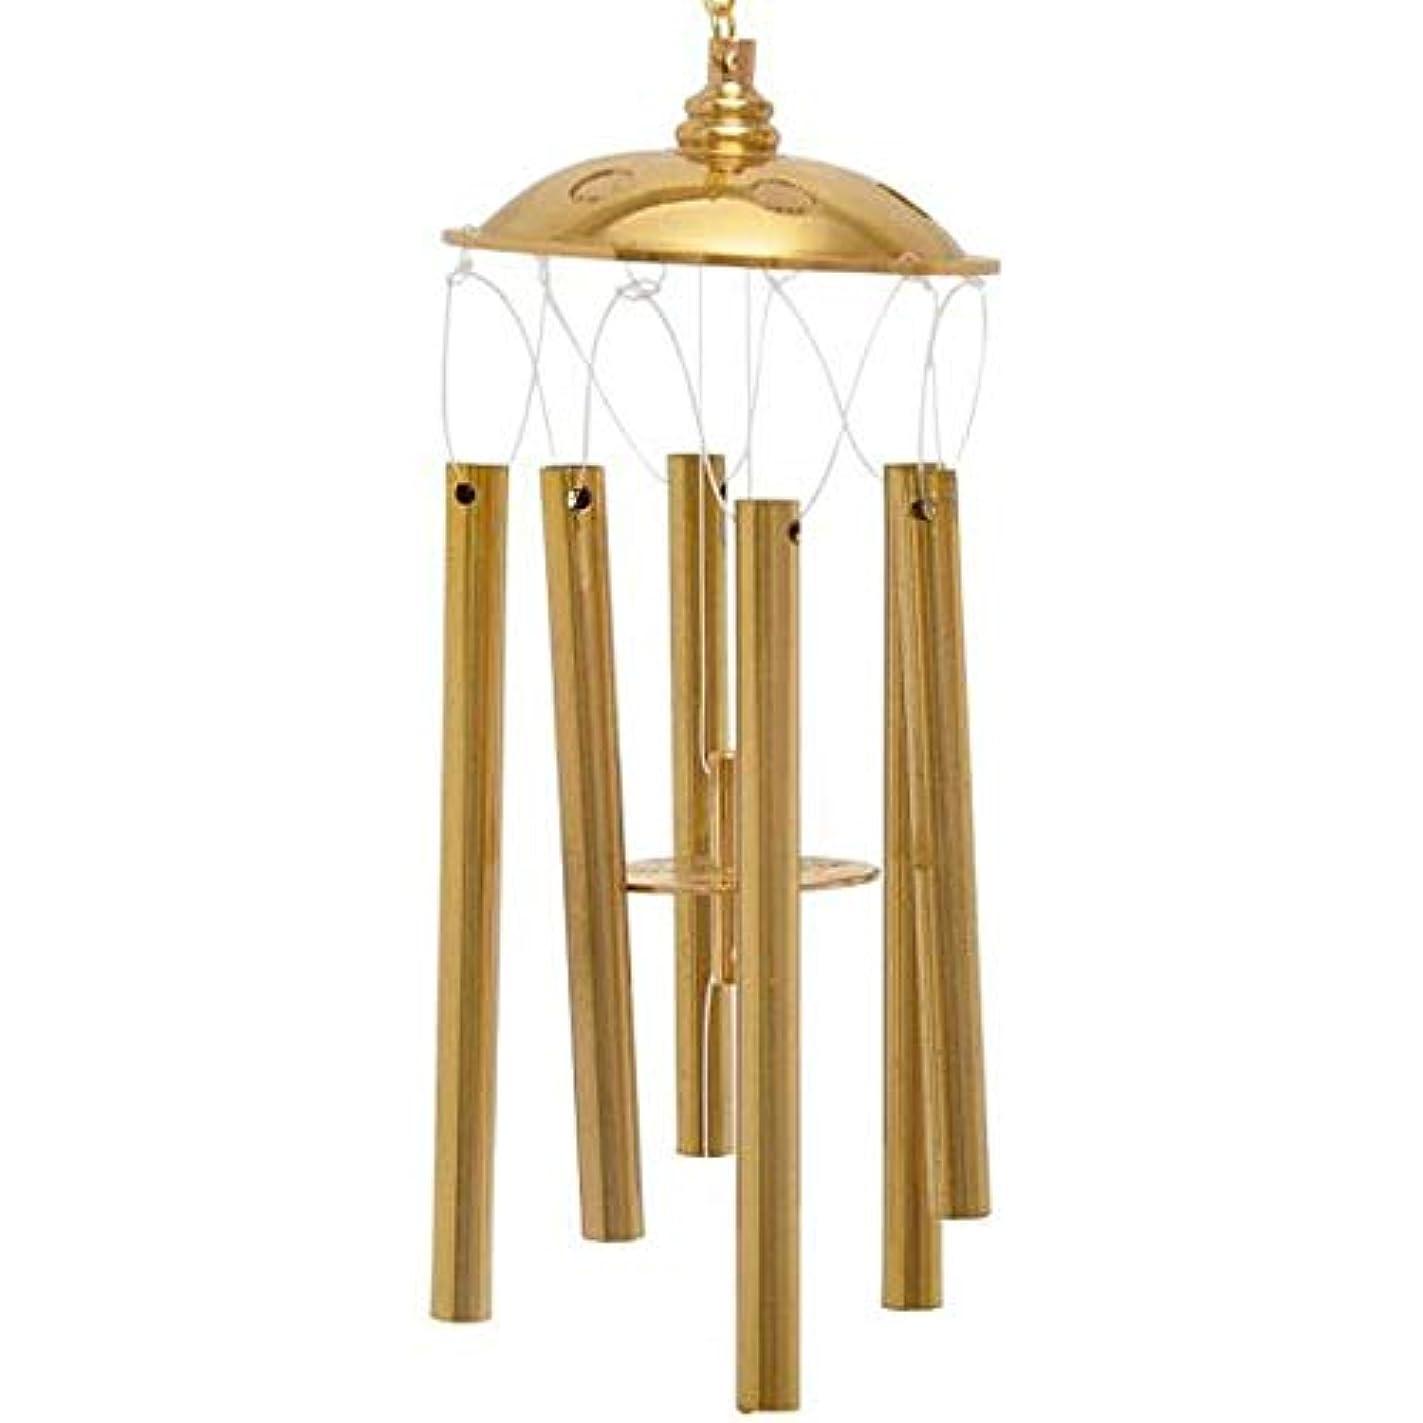 インタラクション半ば反論Kaiyitong01 風チャイム、真鍮ホームデコレーション6チューブ風の鐘、ゴールド、全長約22CM,絶妙なファッション (Size : 36cm)